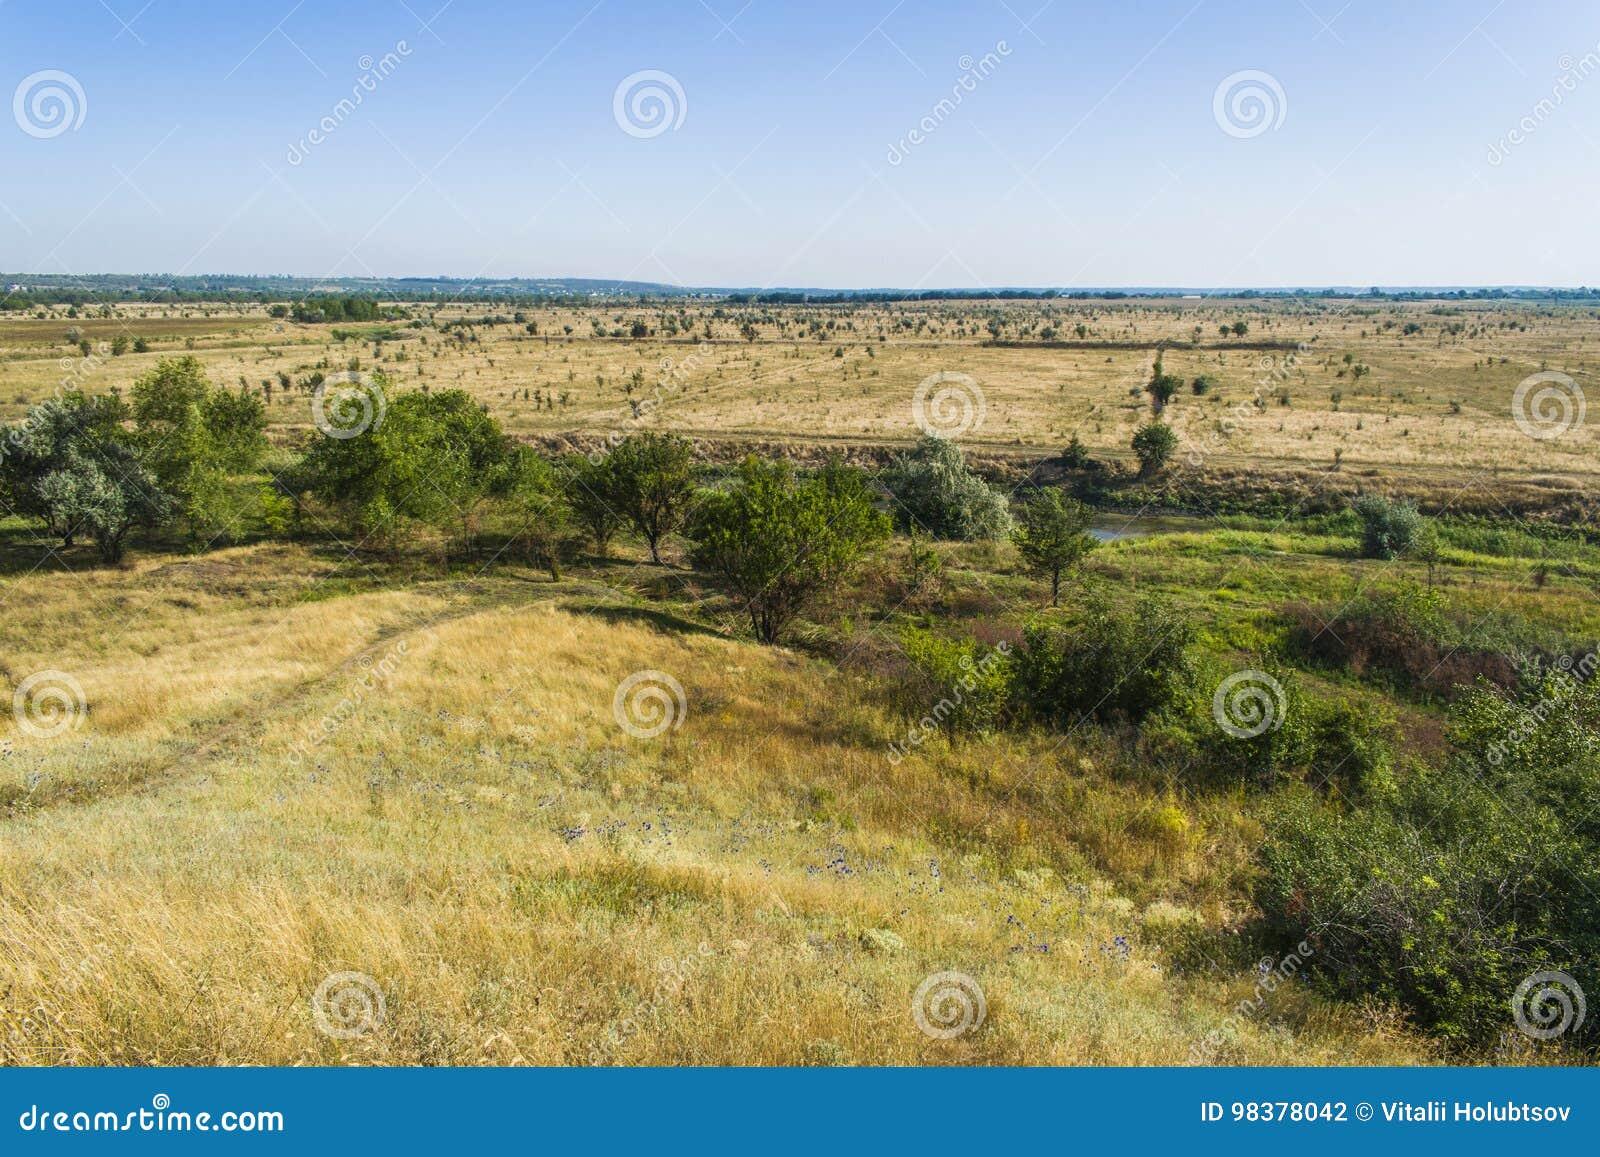 Felder, die nicht das Ende und den Rand sehen